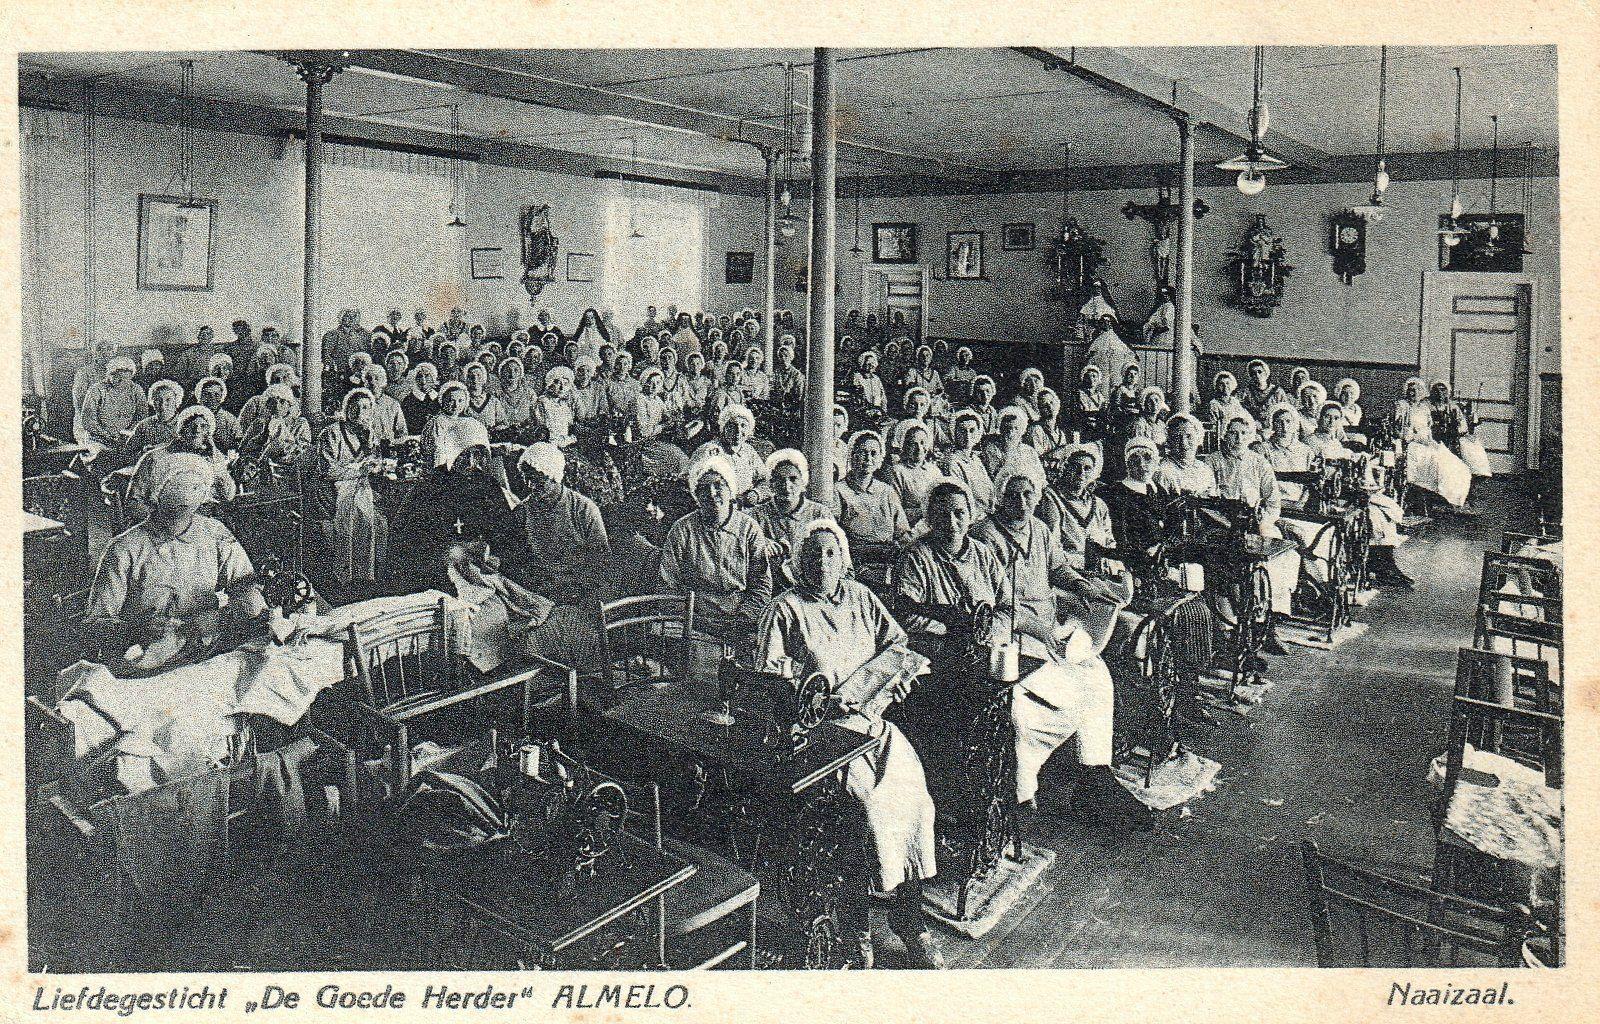 Les 15 000 esclaves hollandaises des Sœurs du Bon Pasteur